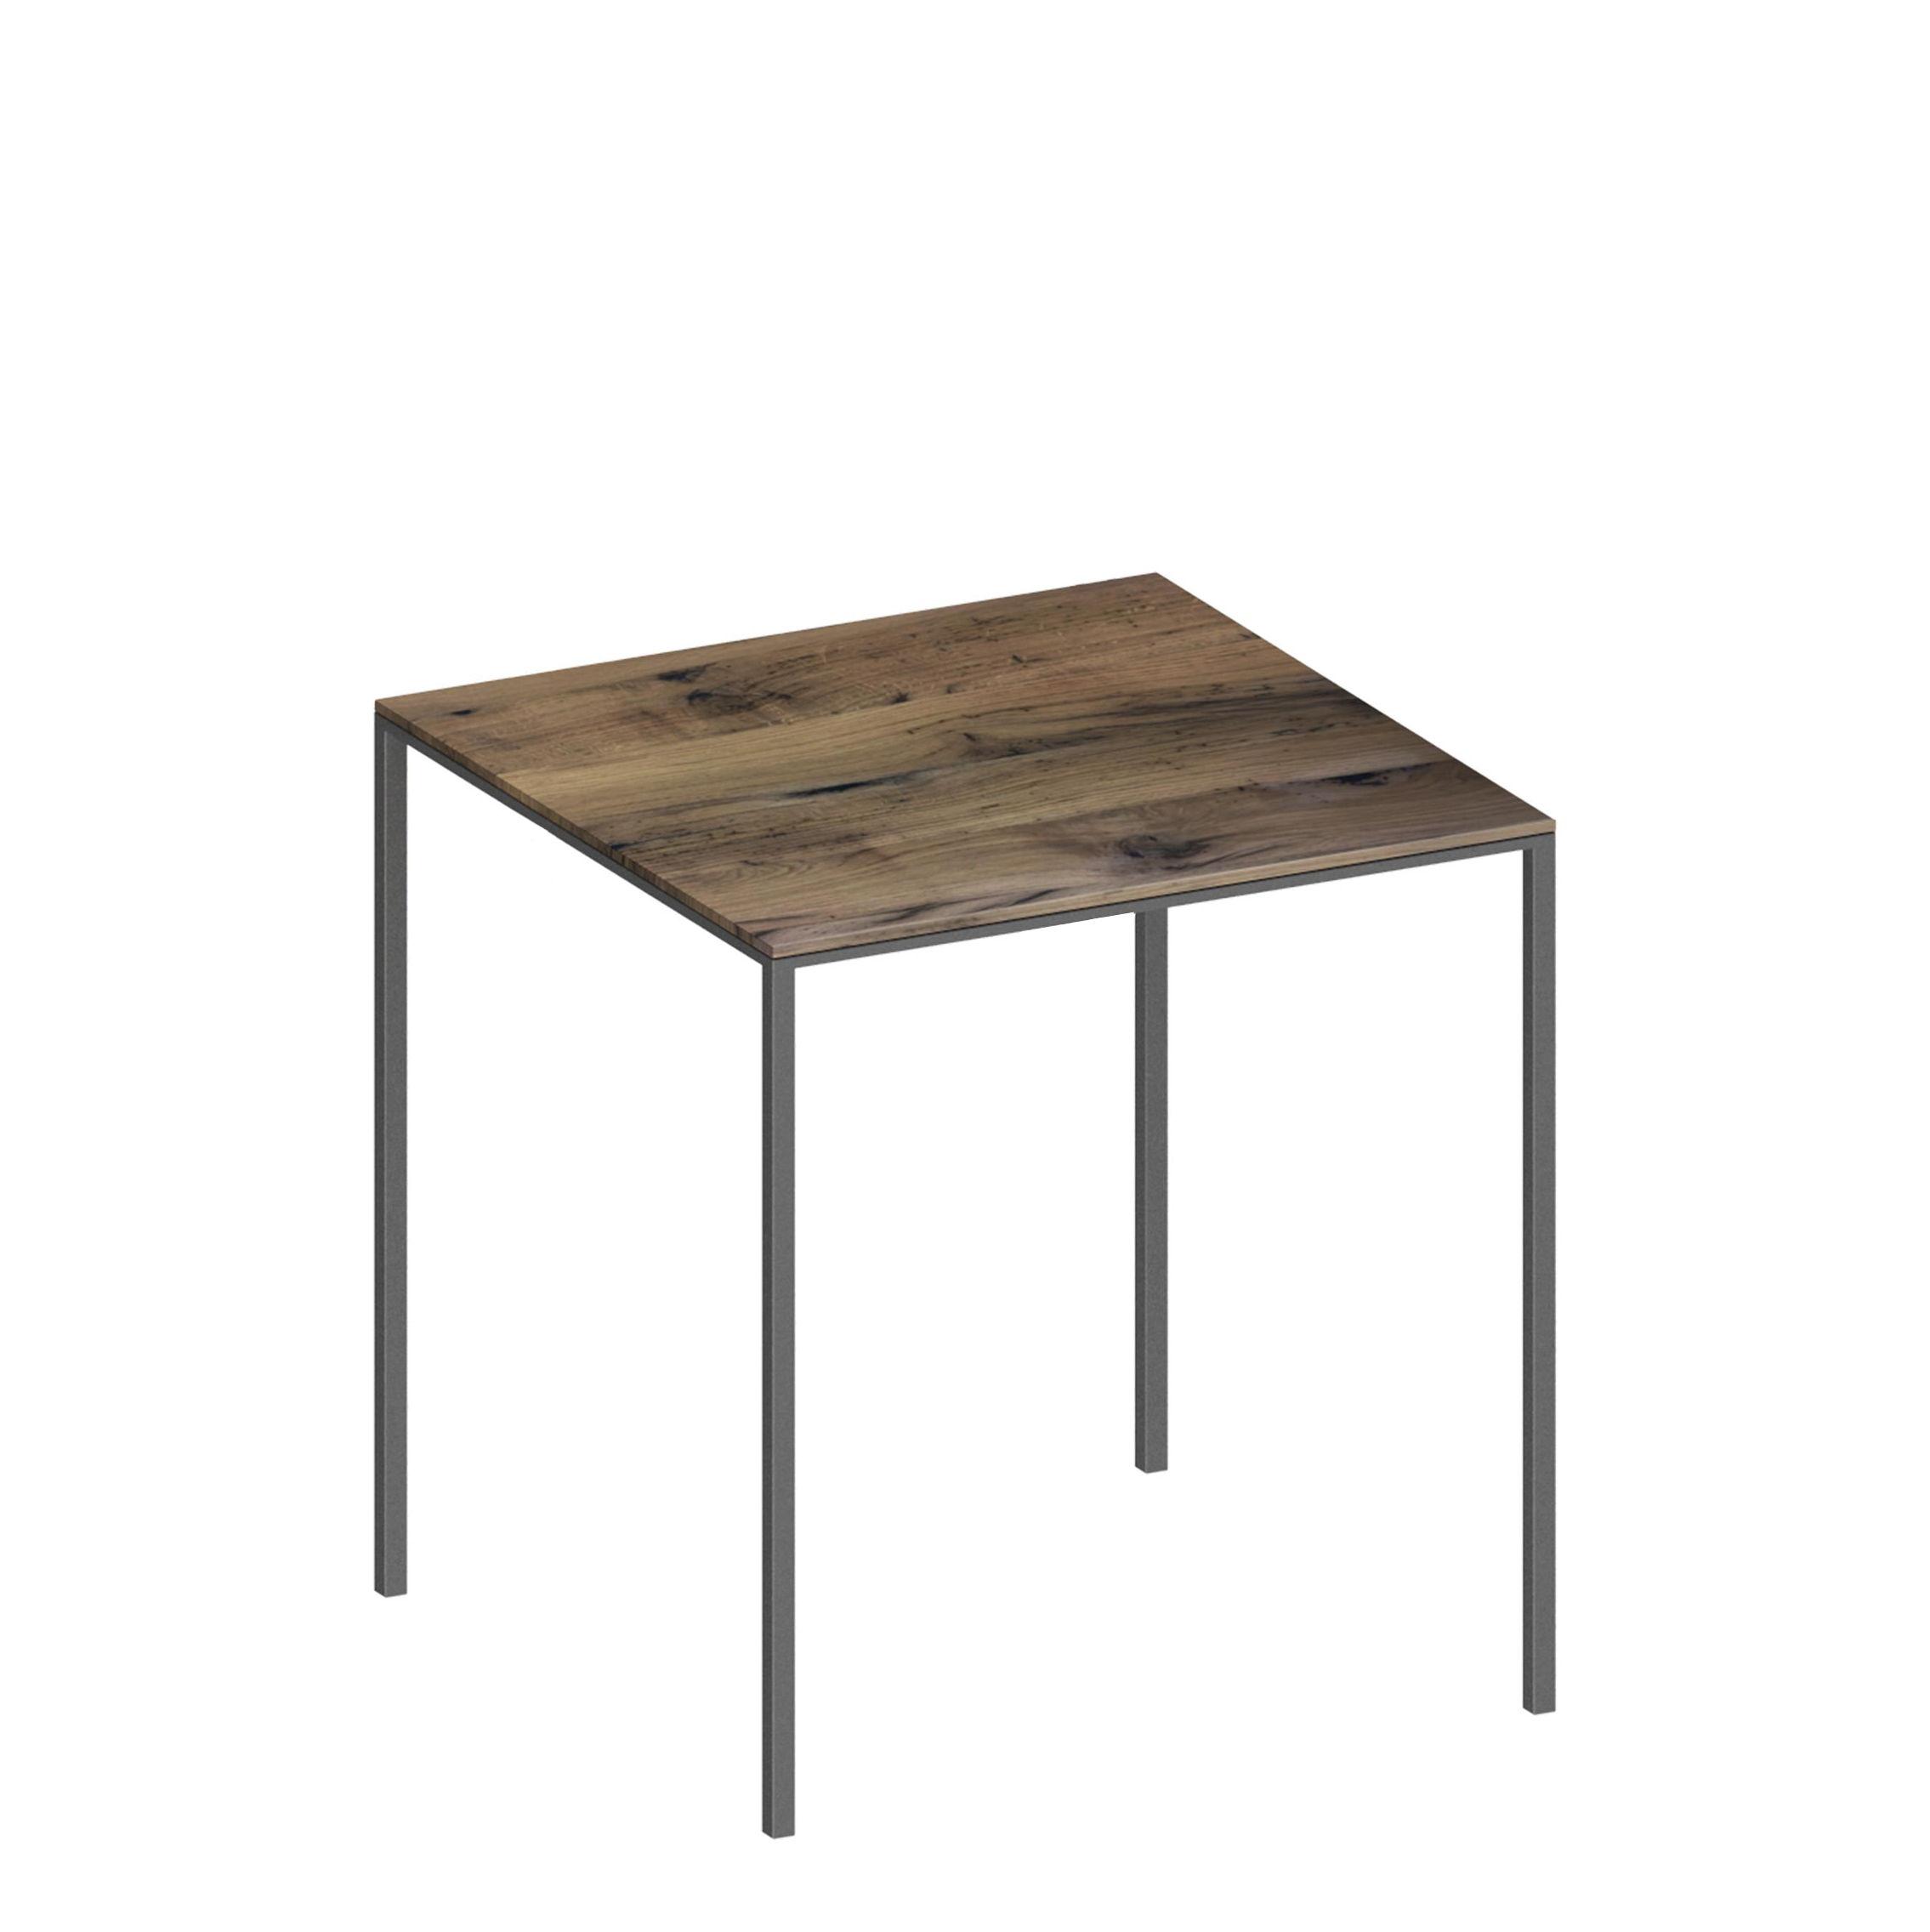 Mobilier - Tables - Table carrée Mini Tavolo / Bois - 99 x 99 cm - Zeus - Gris / Rouvre massif - Acier peint époxy, Bois de rouvre massif